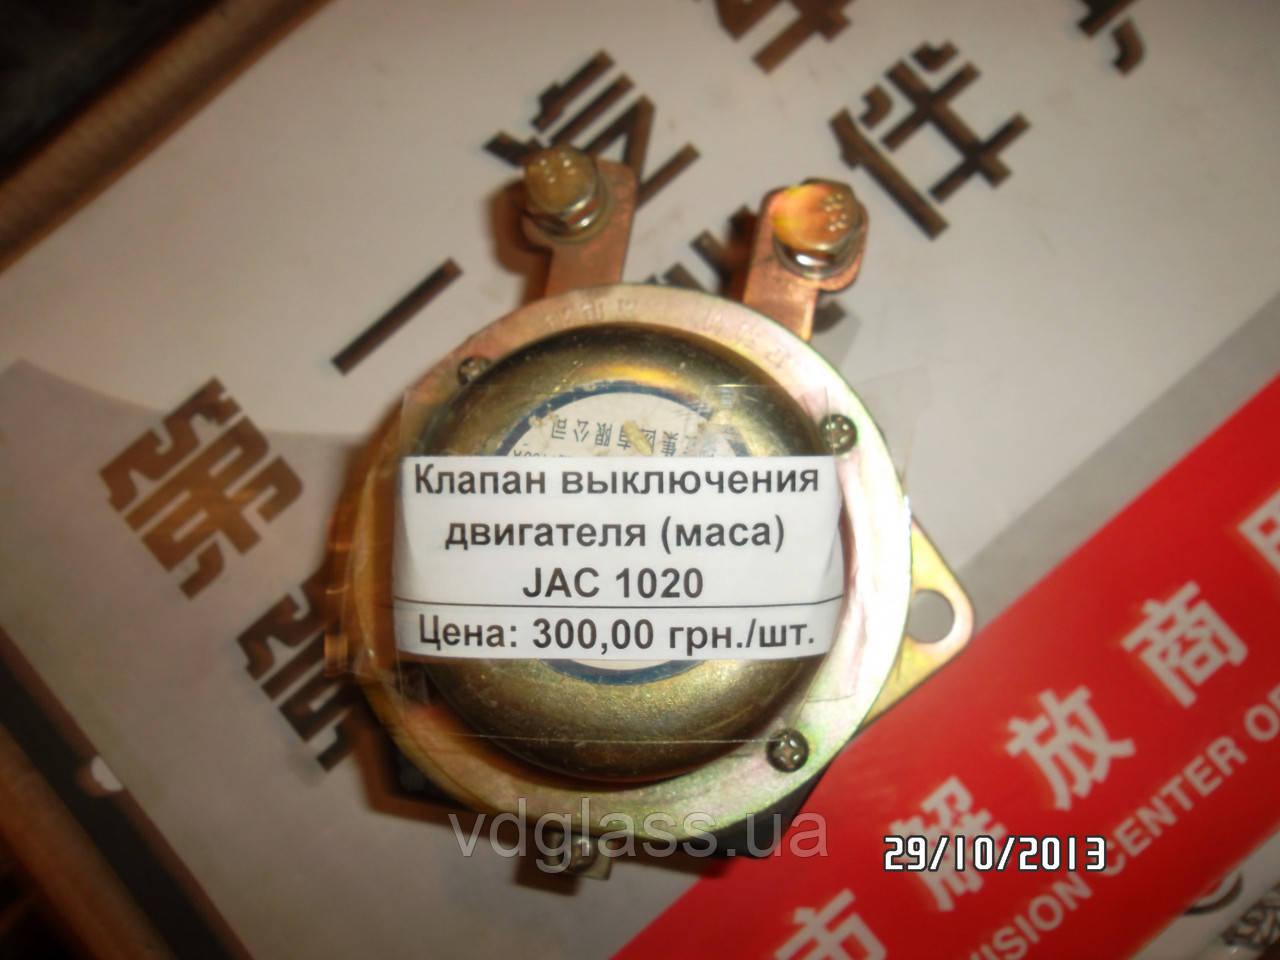 Клапан выключения двигателя (маса) JAC 1020